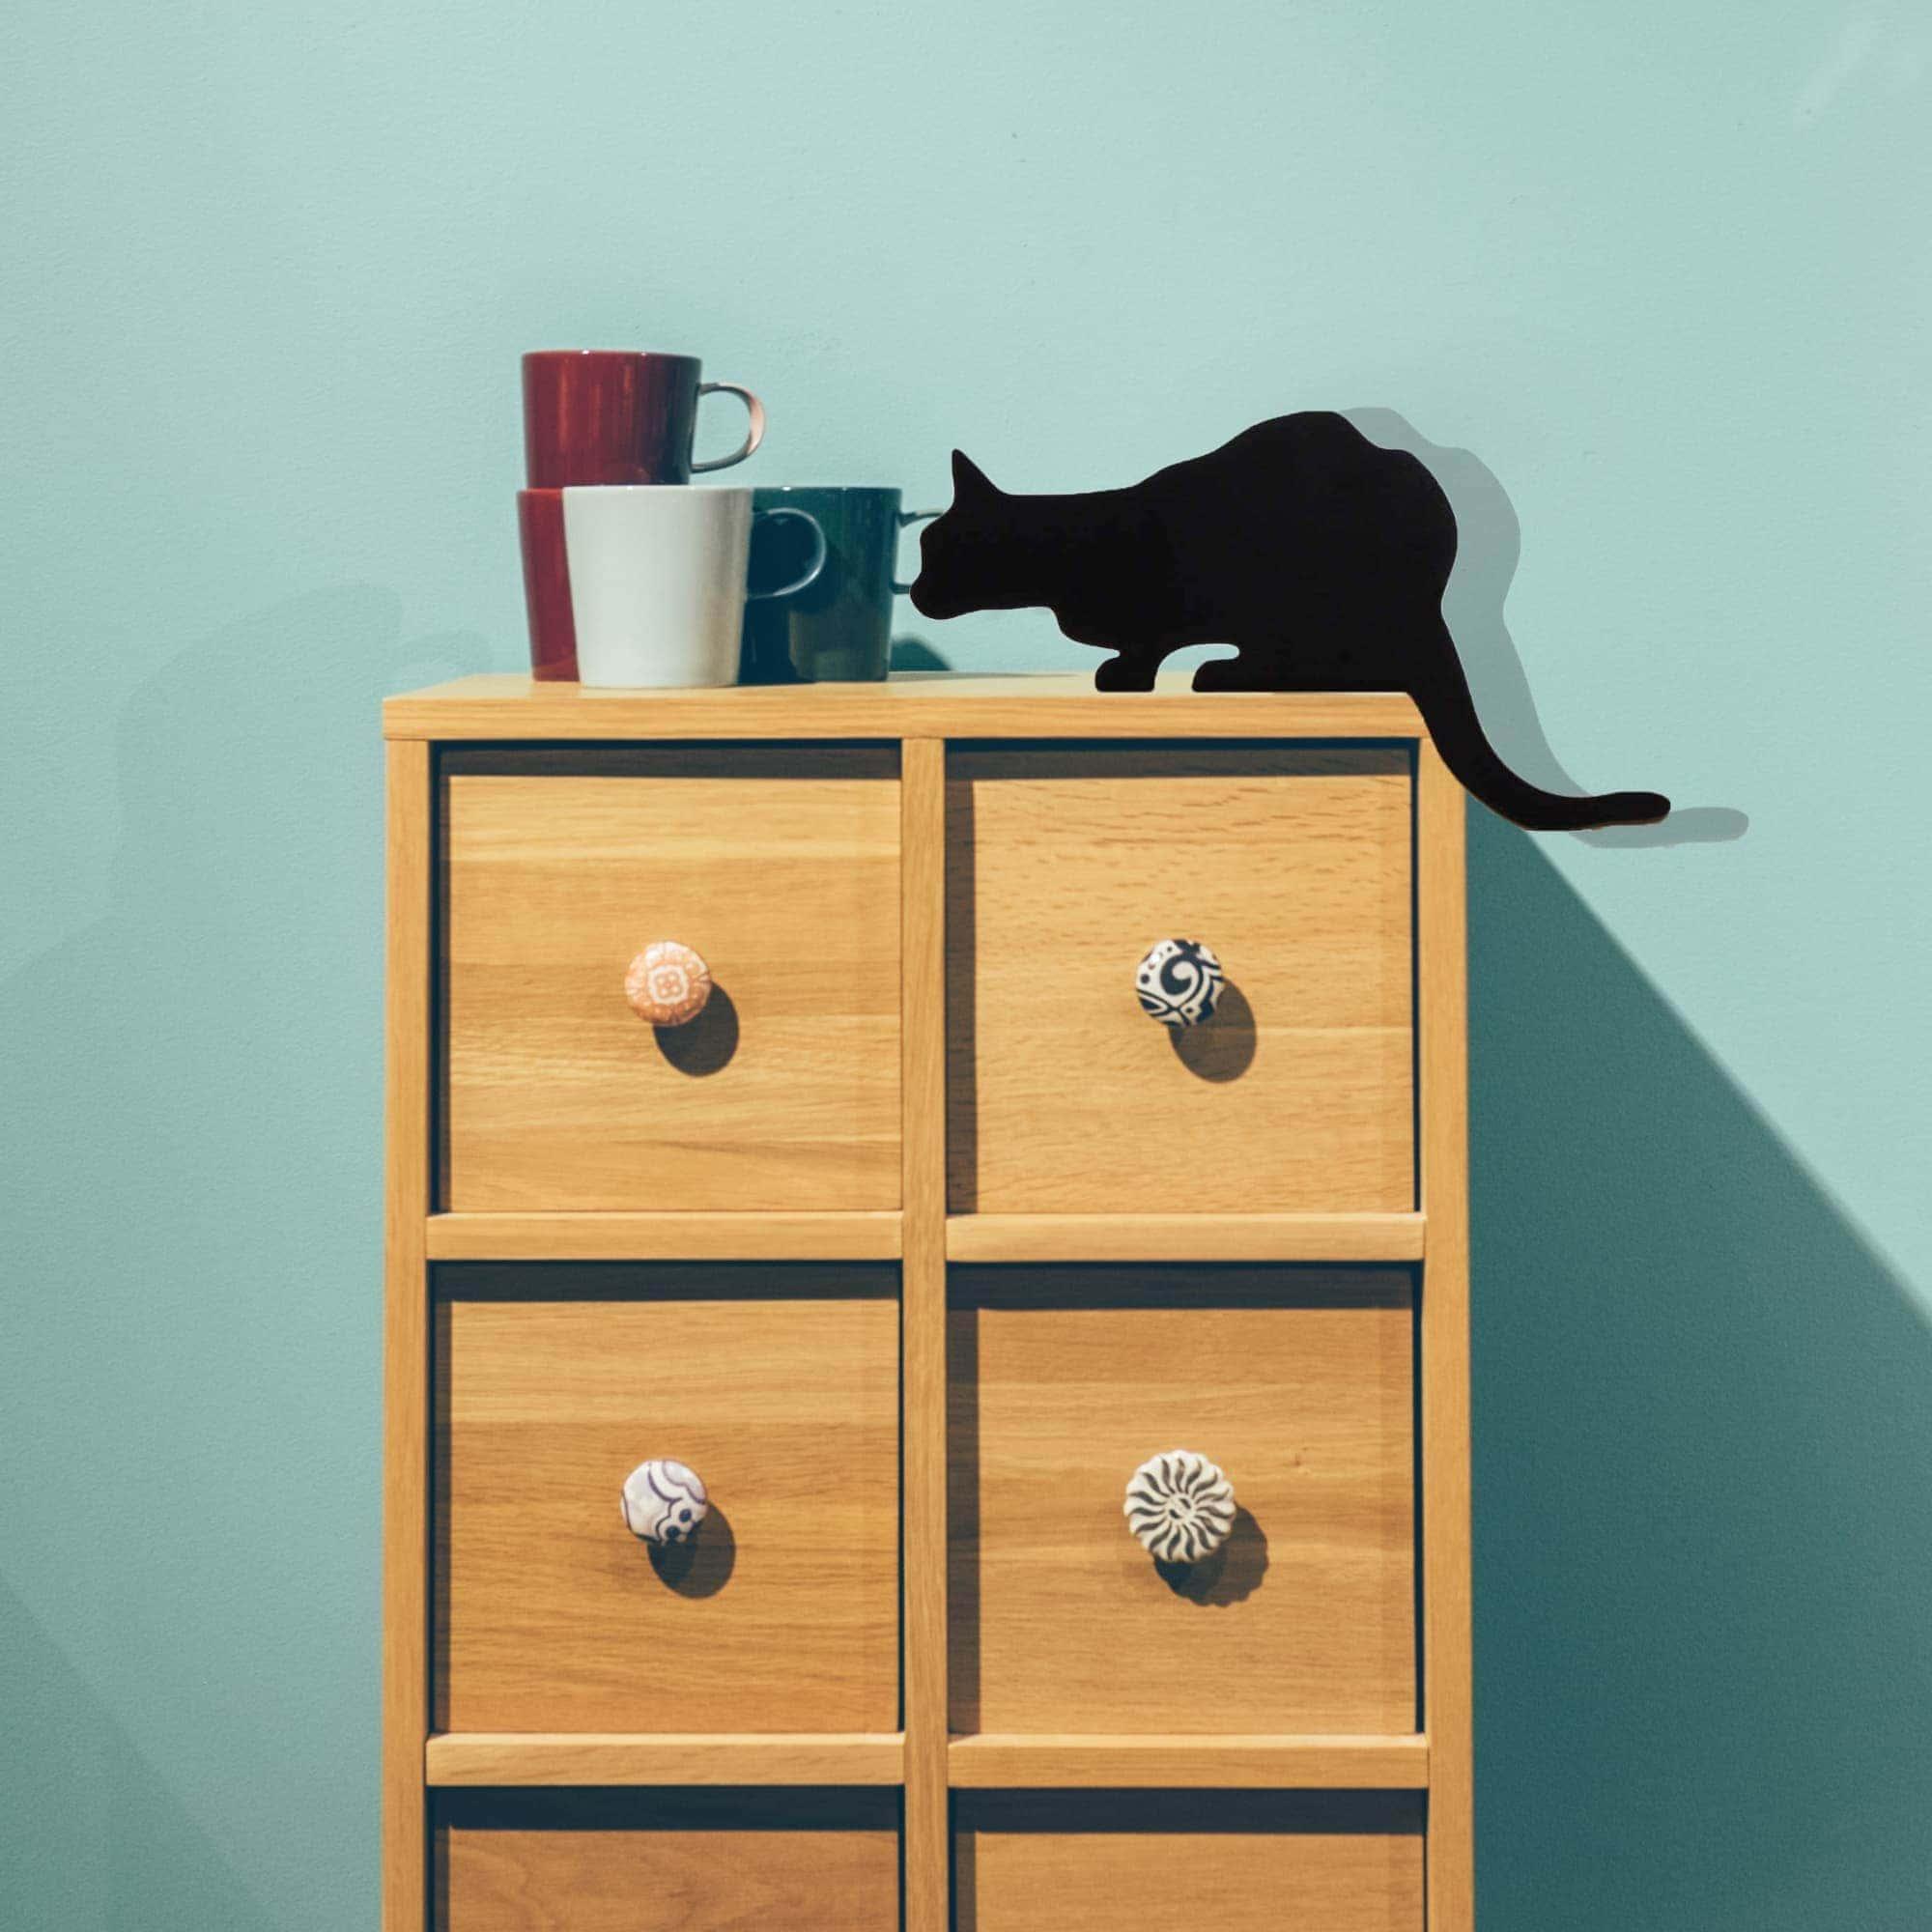 צ'רצ'יל - פסלון חתול למדף